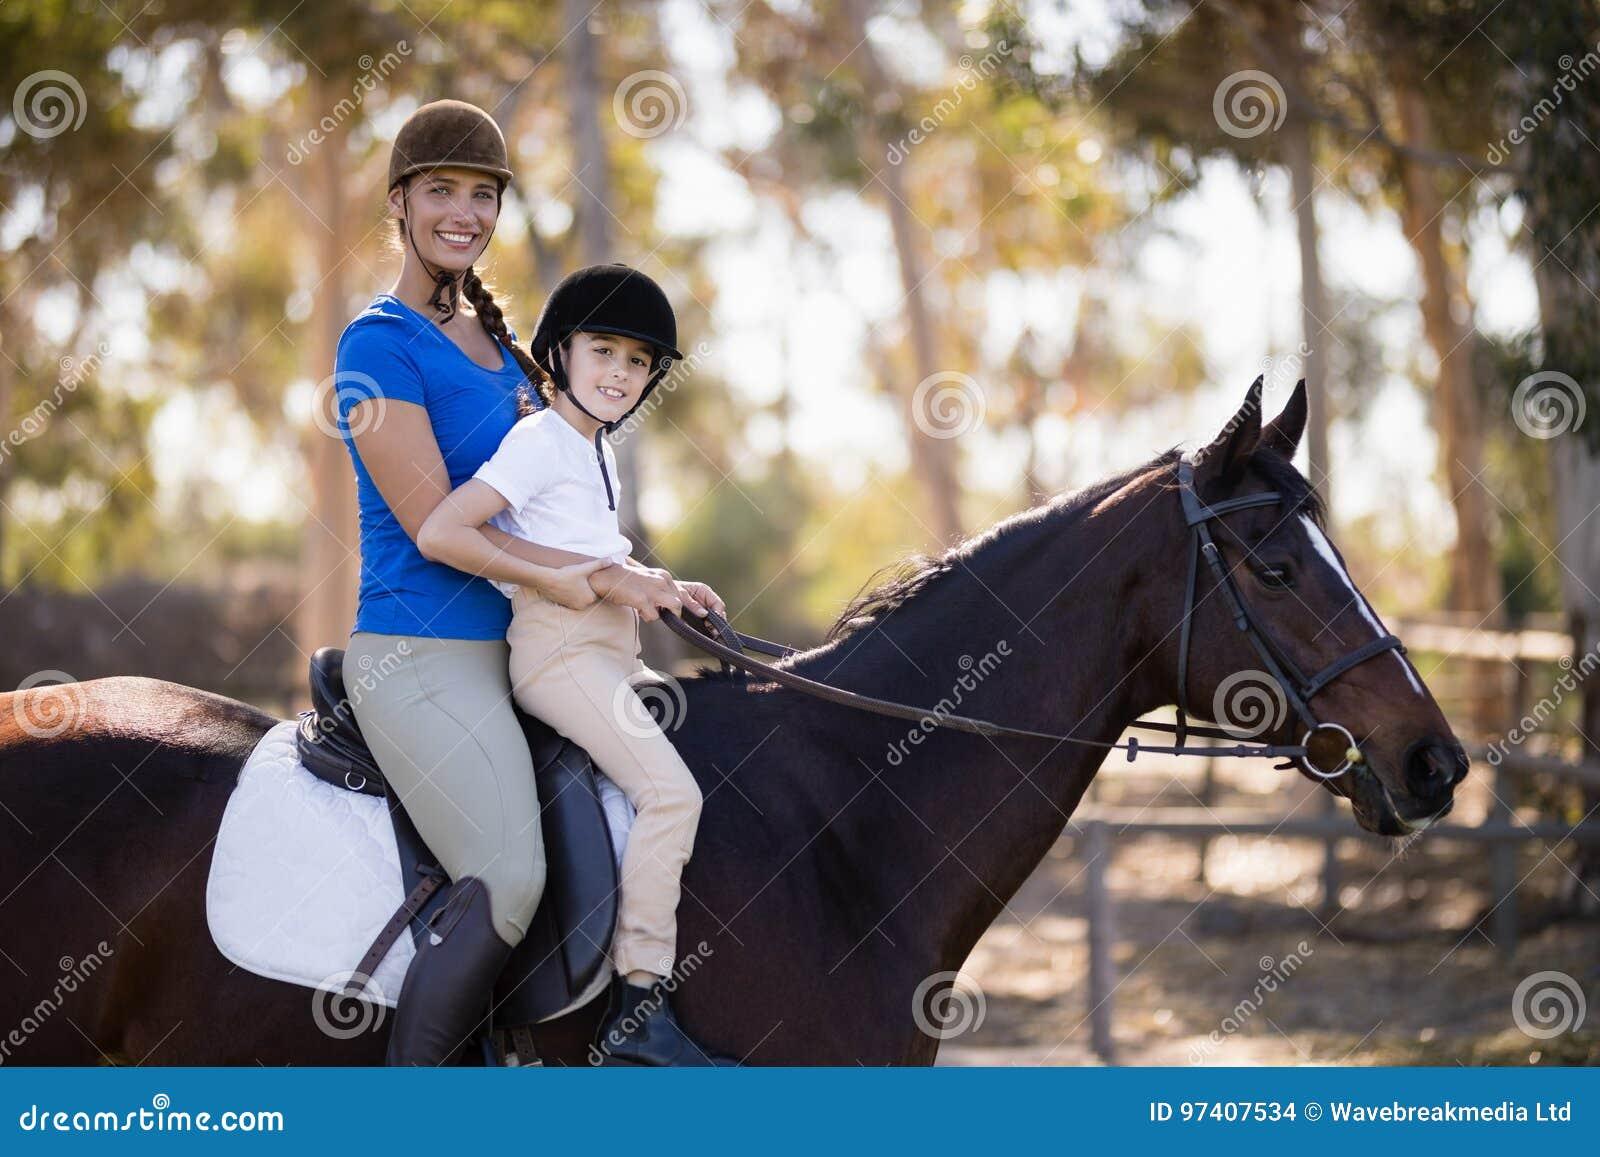 女性骑师和女孩坐的马术画象